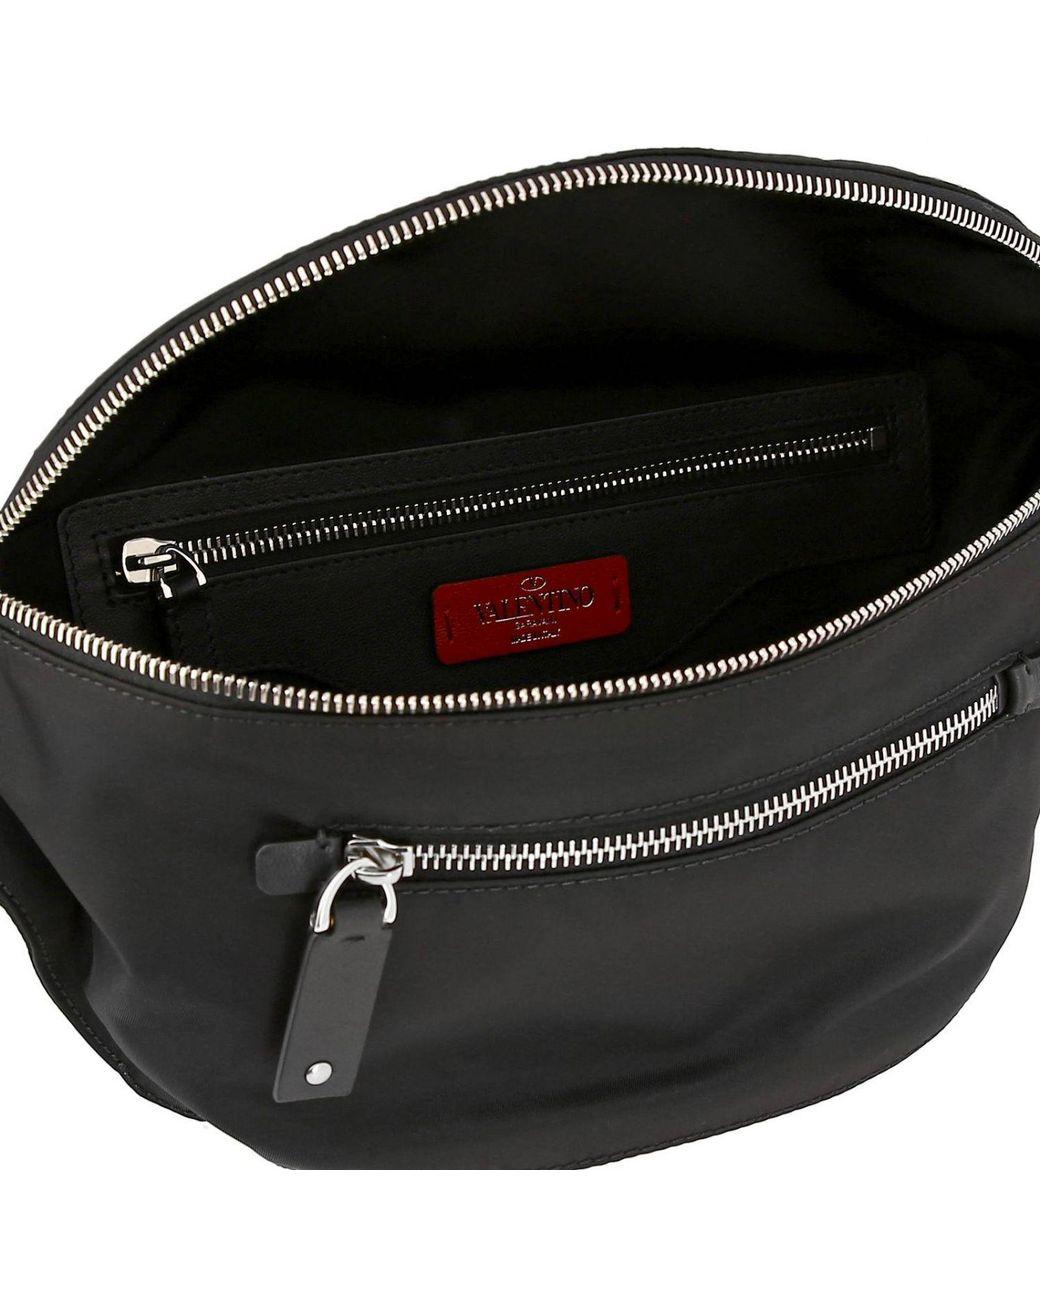 484875a35384f Valentino Belt Bag Bags Men in Black for Men - Lyst